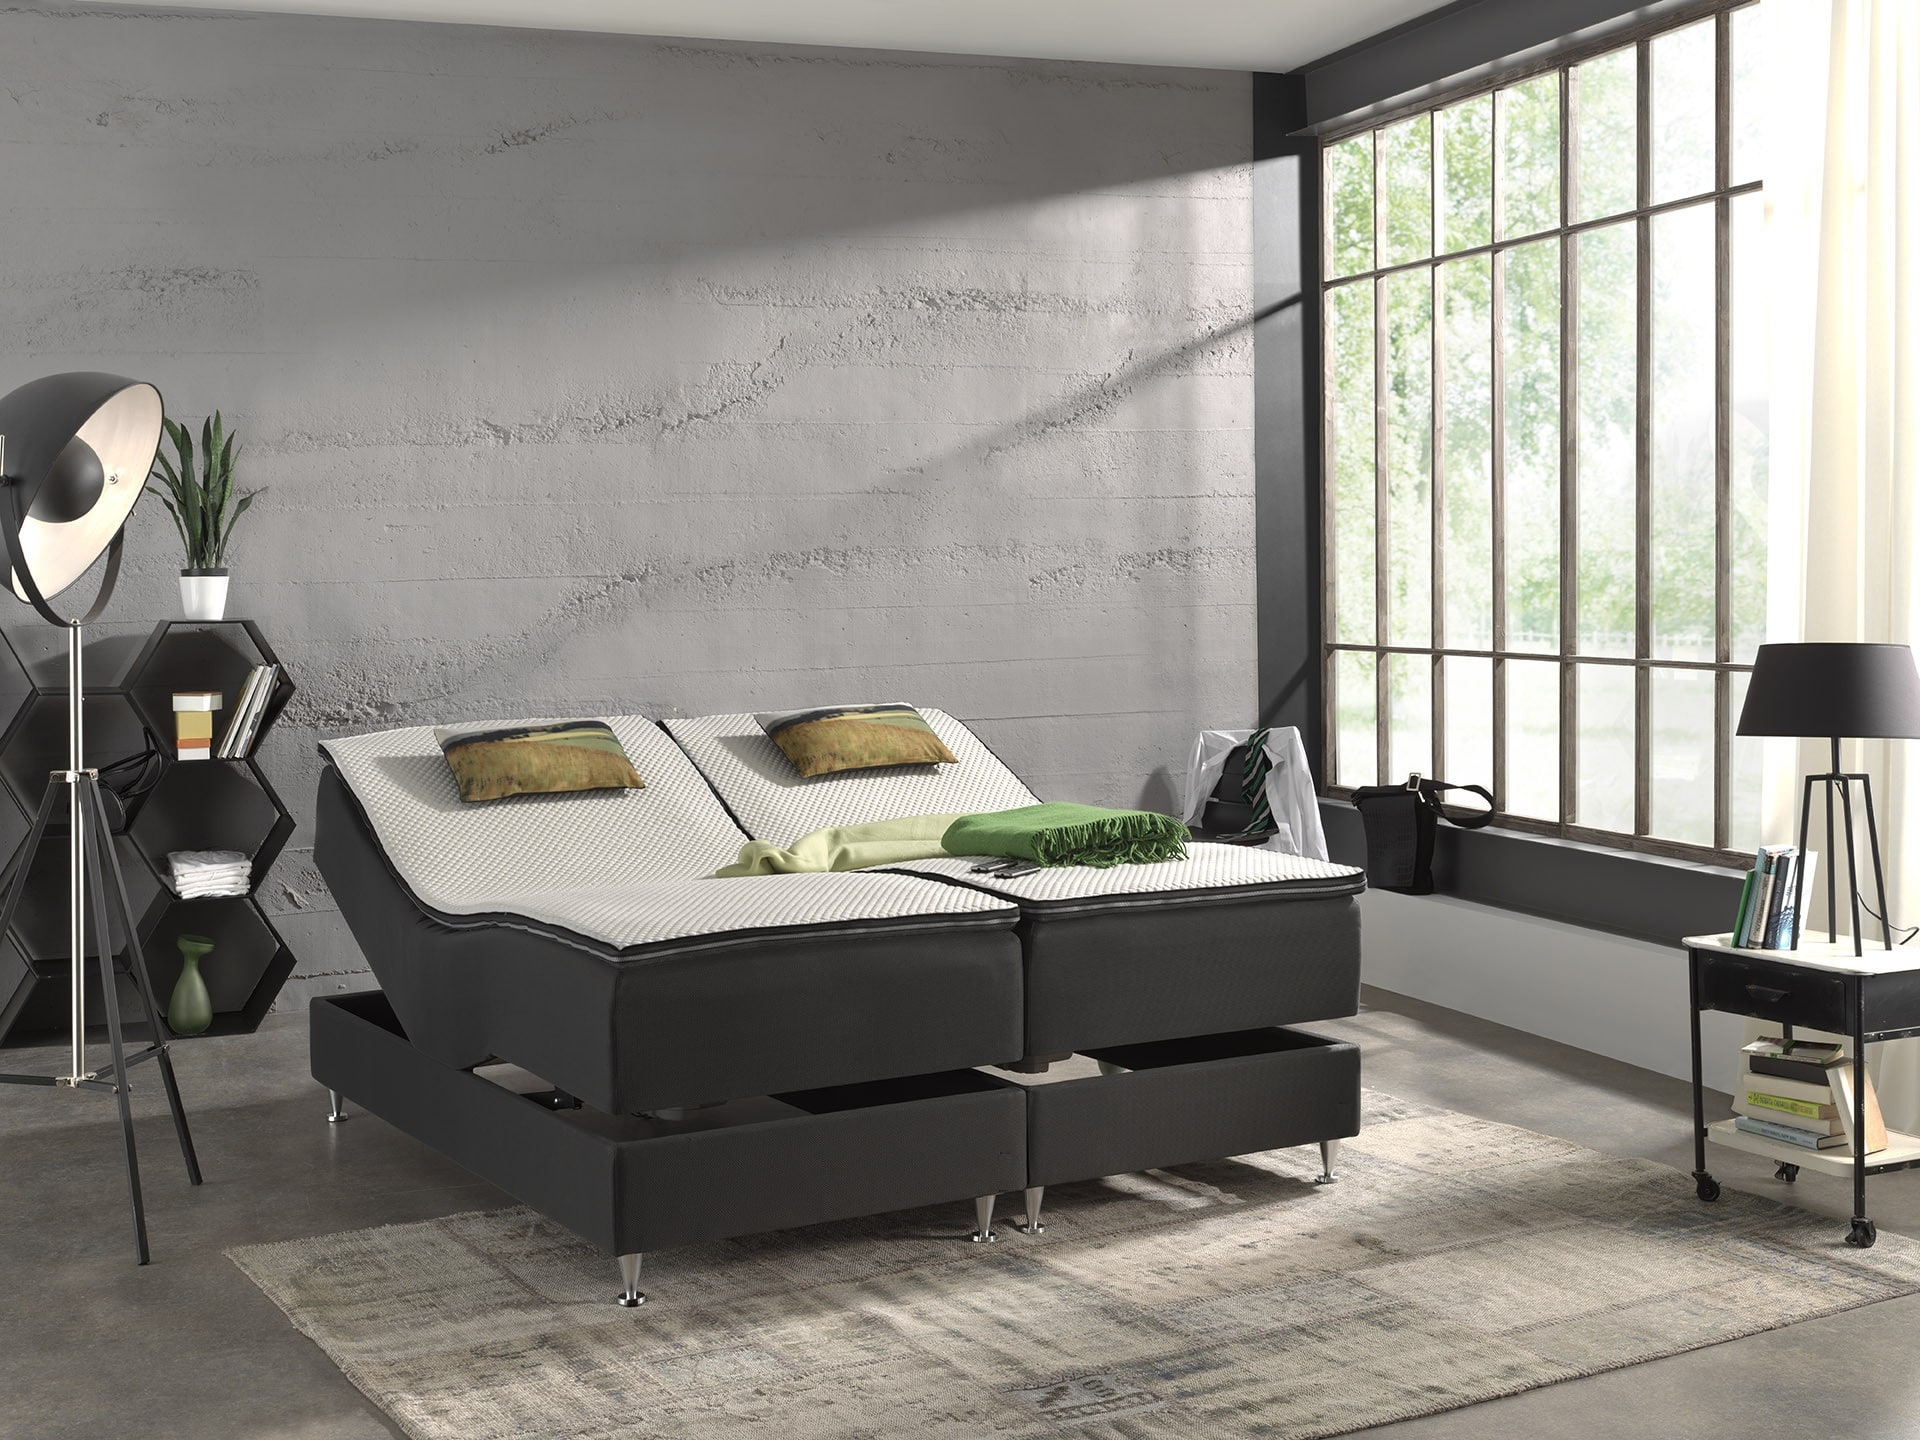 Opprinnelig Regulerbar seng Test 2019 → Velg den beste regulerbare sengen XJ-69